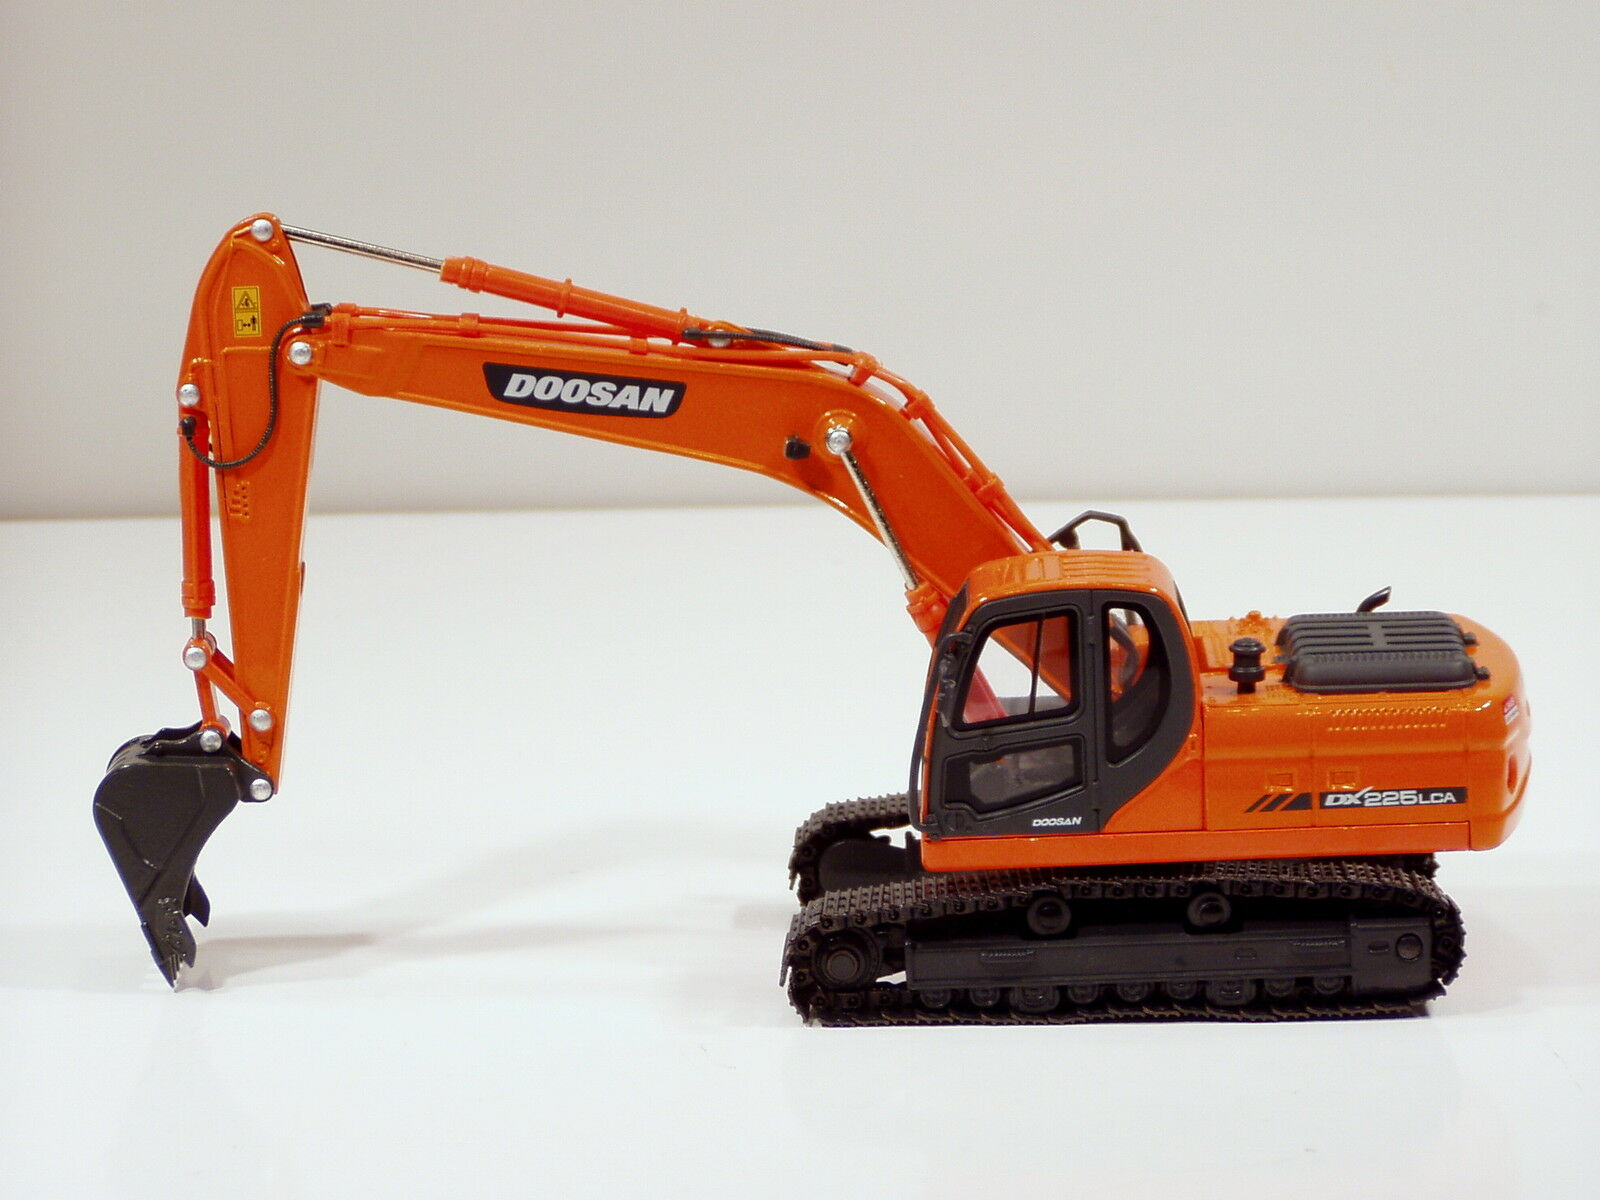 Excavadora Doosan DX225LCA - 1 40 - Nuevo